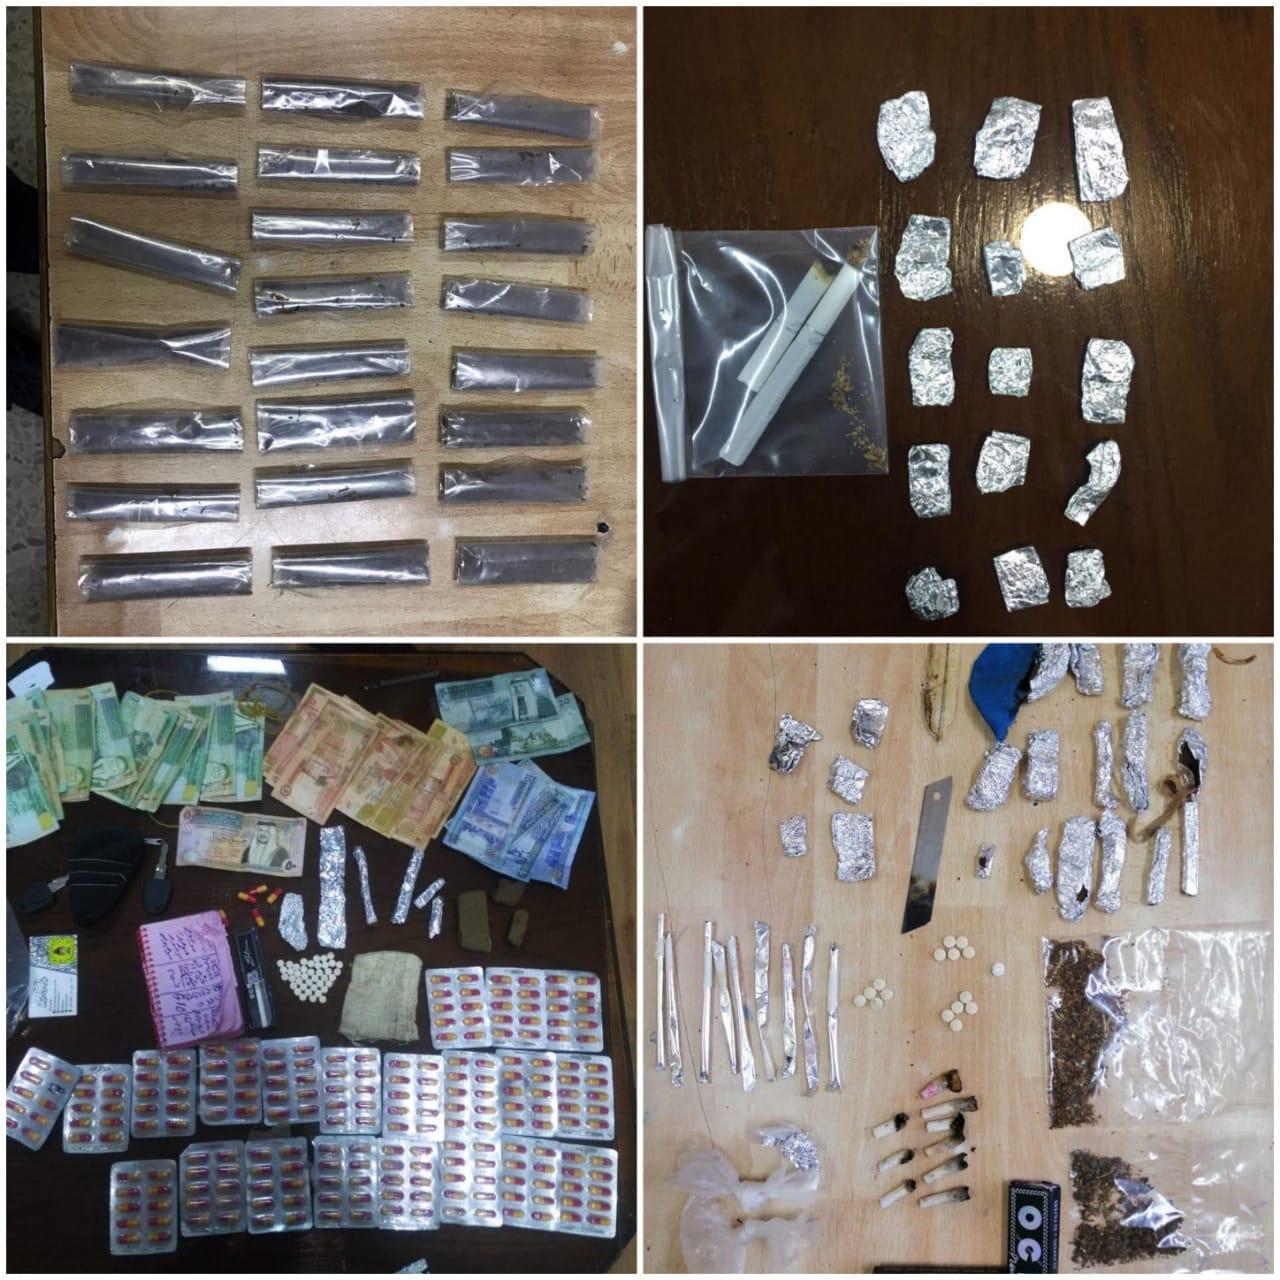 القبض على (16) مروجاً  للمخدرات بحوزتهم  (5)  أسلحة نارية و كميات كبيرة من المواد المخدرة  - صور